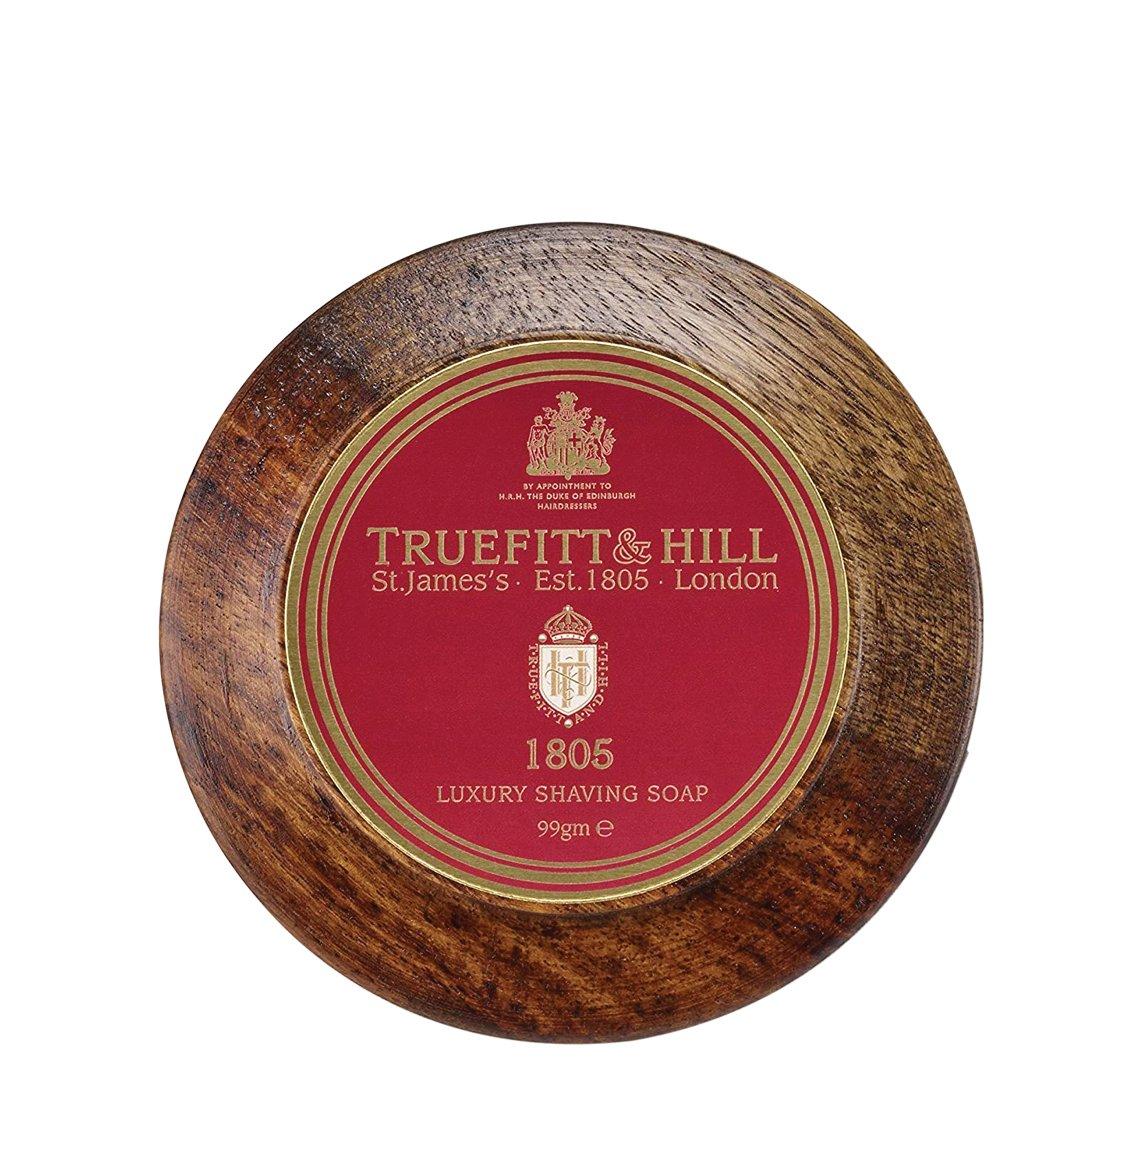 Truefitt And Hill 1805 Shaving Soap In Wooden Bowl 99g